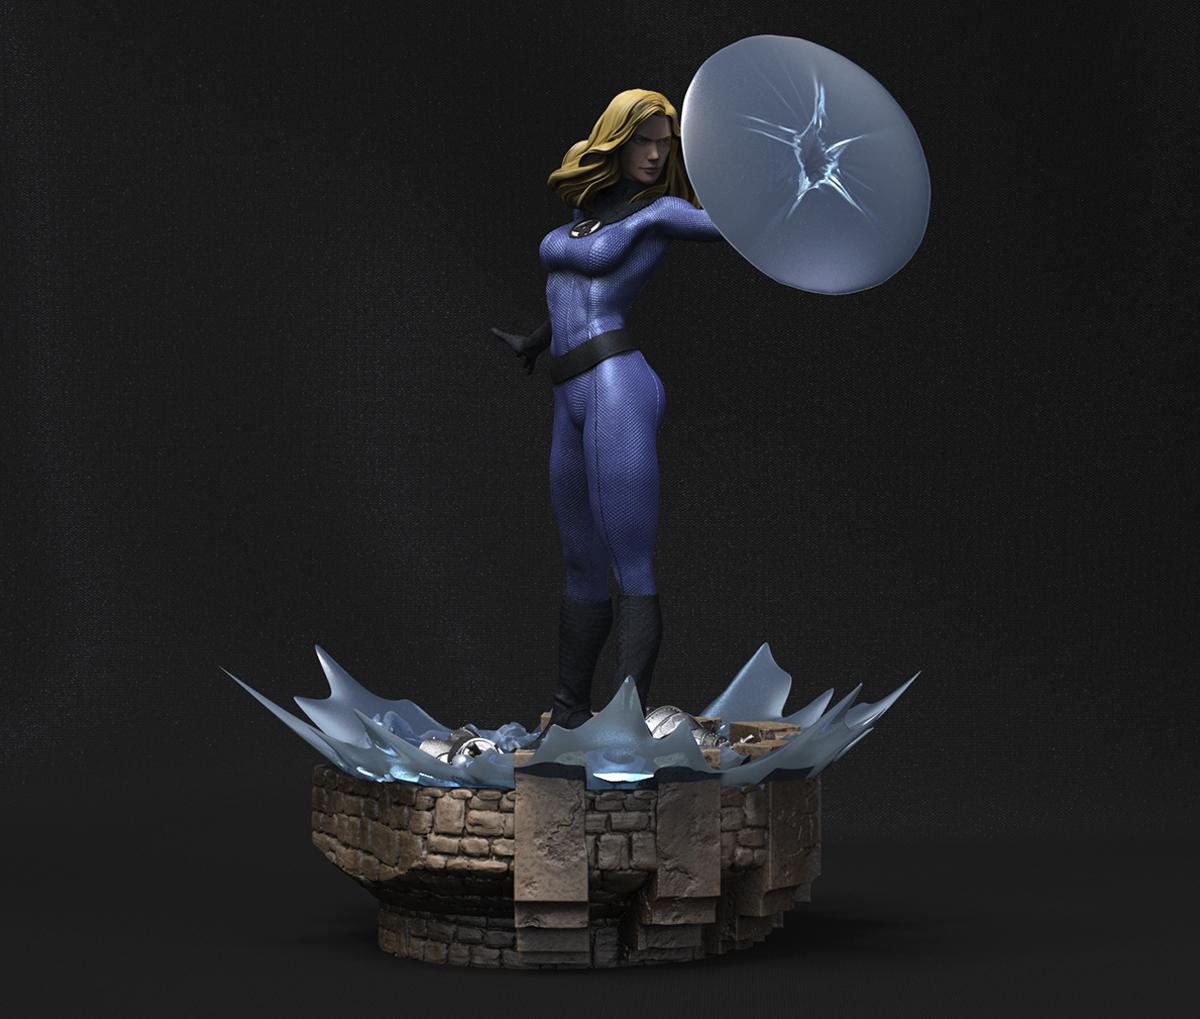 Escena 3D de los 4 Fantásticos: Mujer Invisible